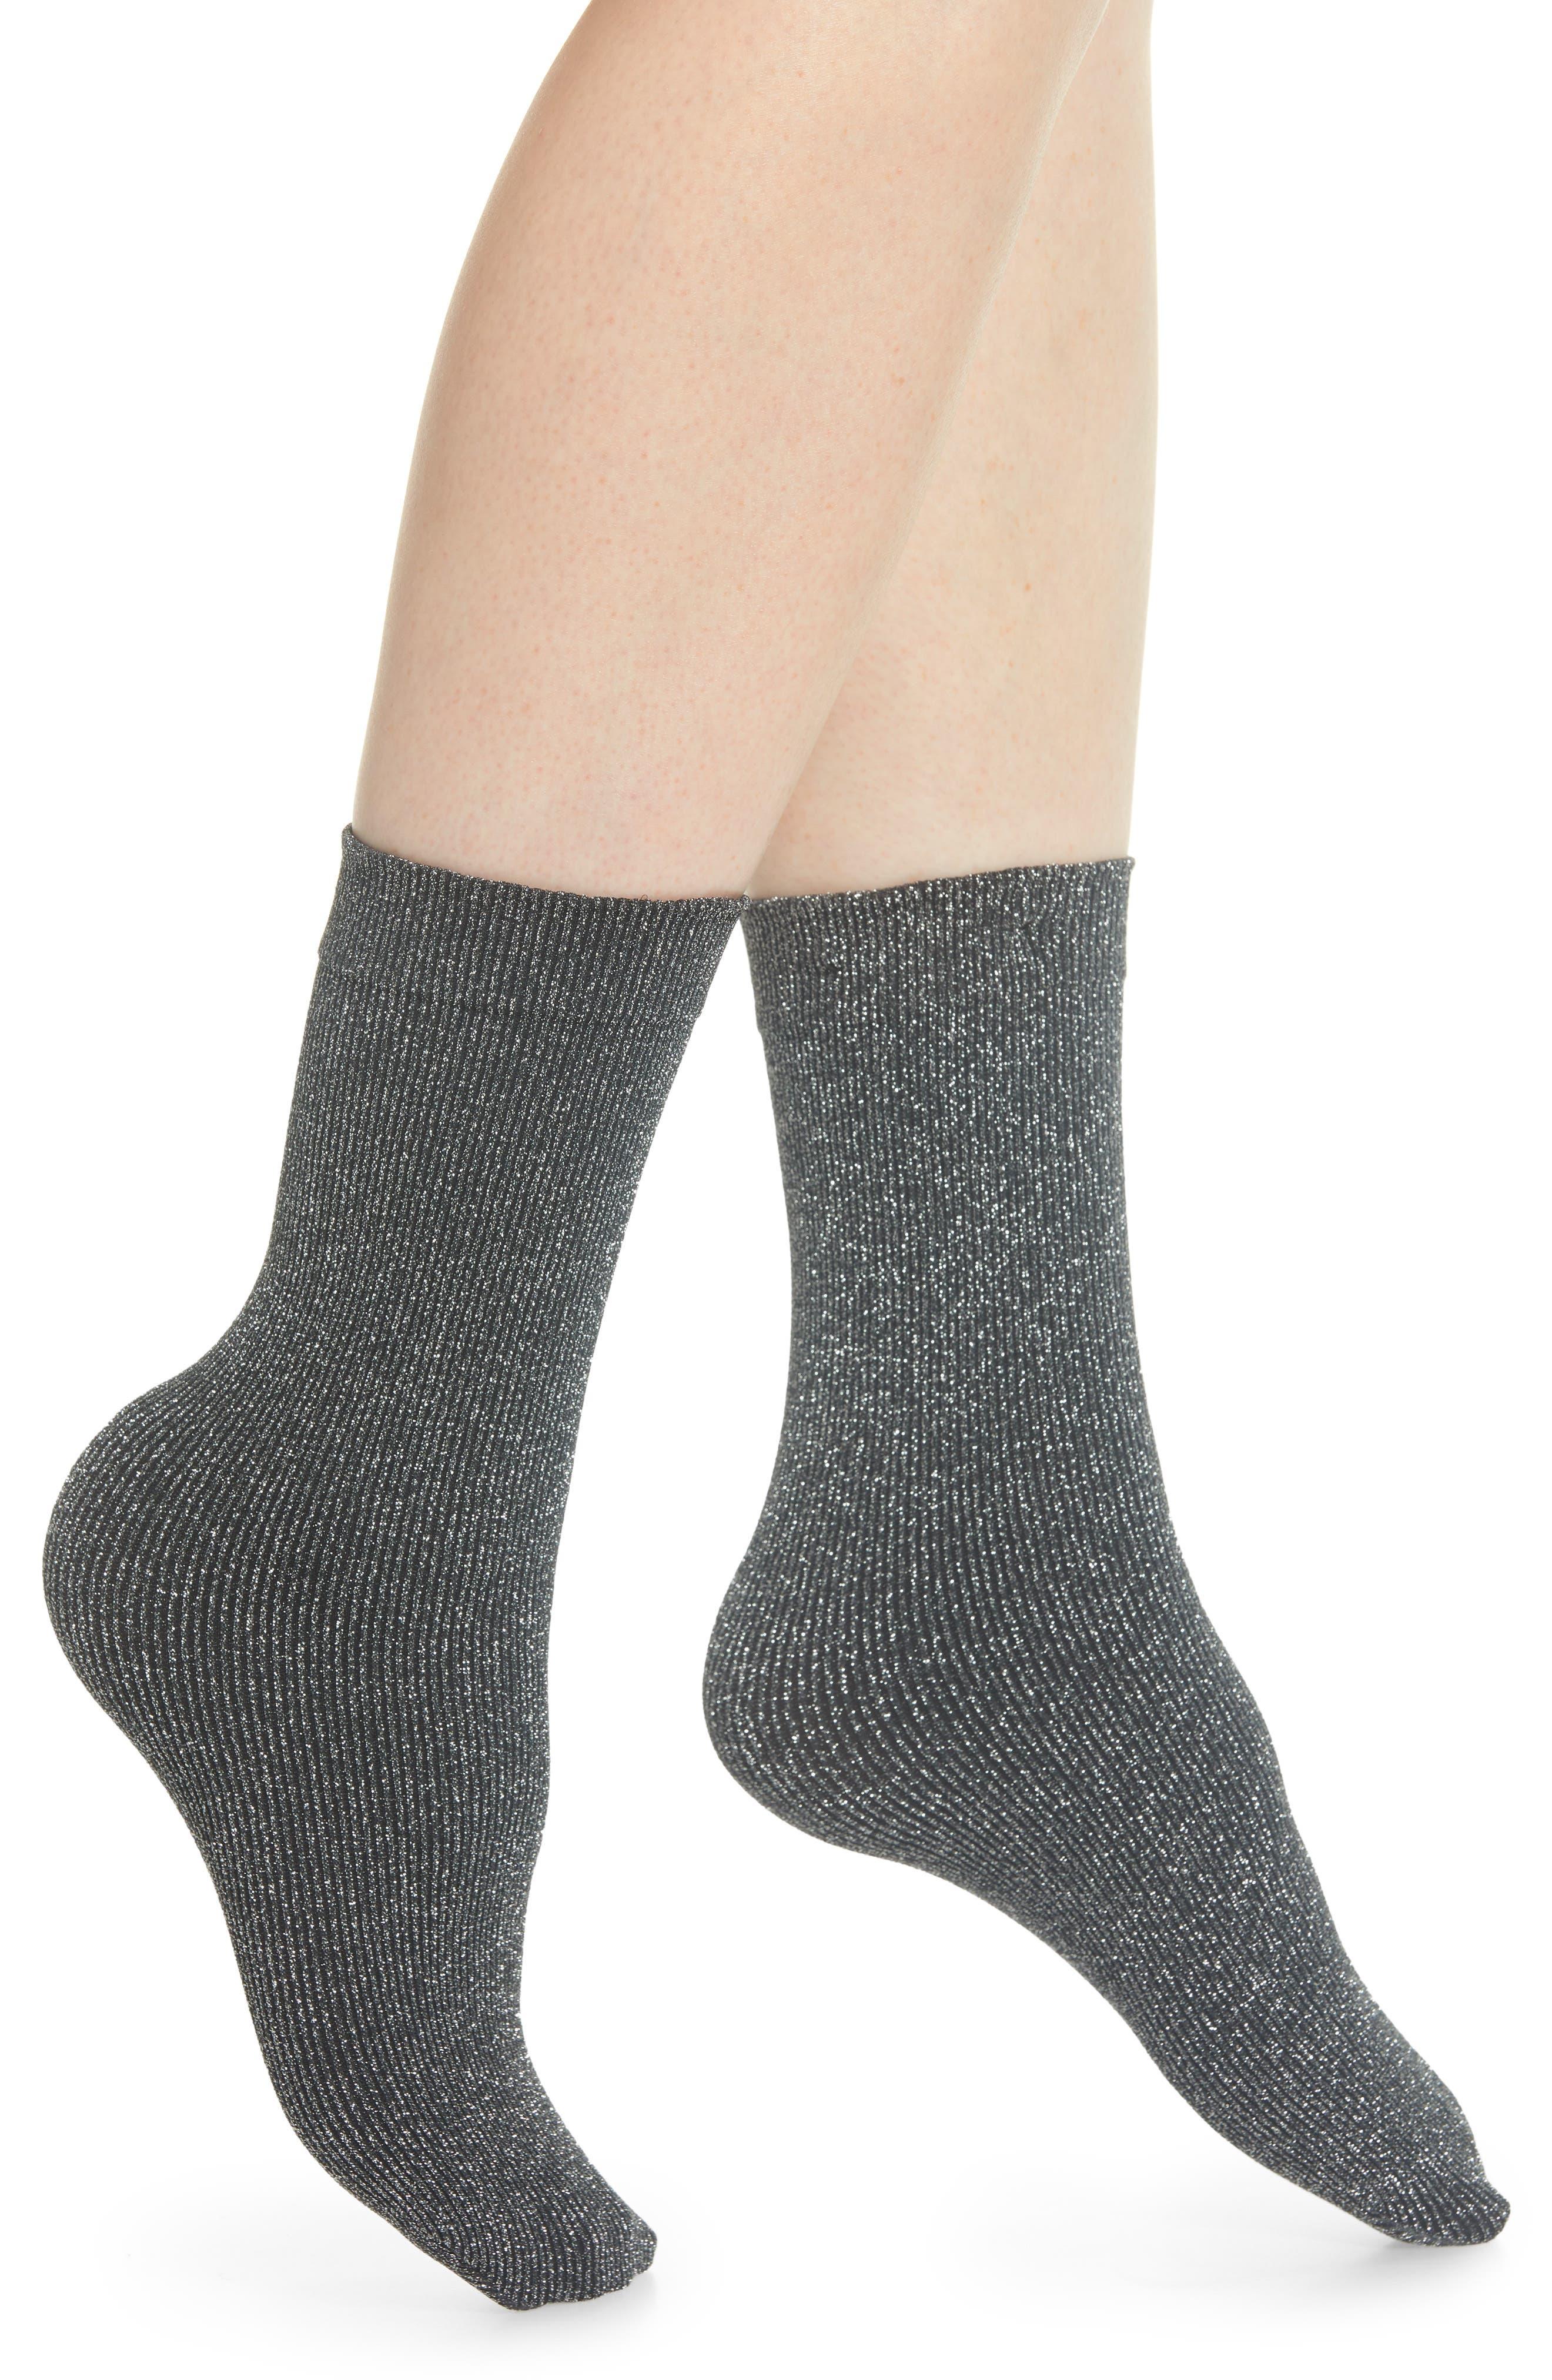 Joan Crew Socks,                         Main,                         color, BLACK/ LUREX